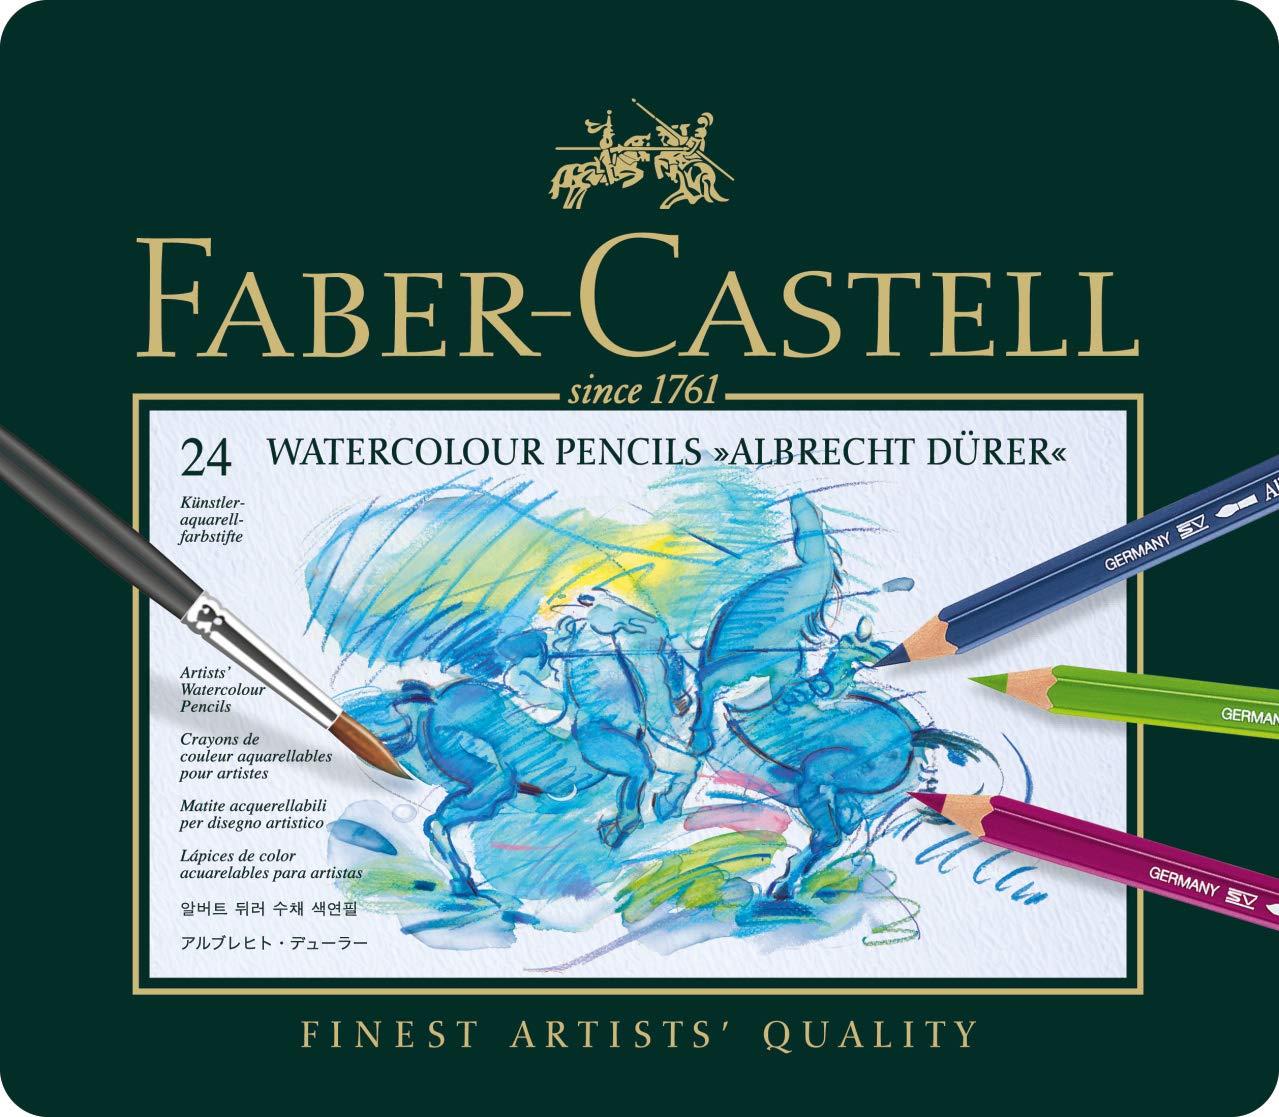 Faber-Castel FC117524 Albrecht Durer Artist Watercolor Pencils In A Tin (24 Pack), Assorted FABER CASTELL F117524 reikos_0019522742AM_0000451